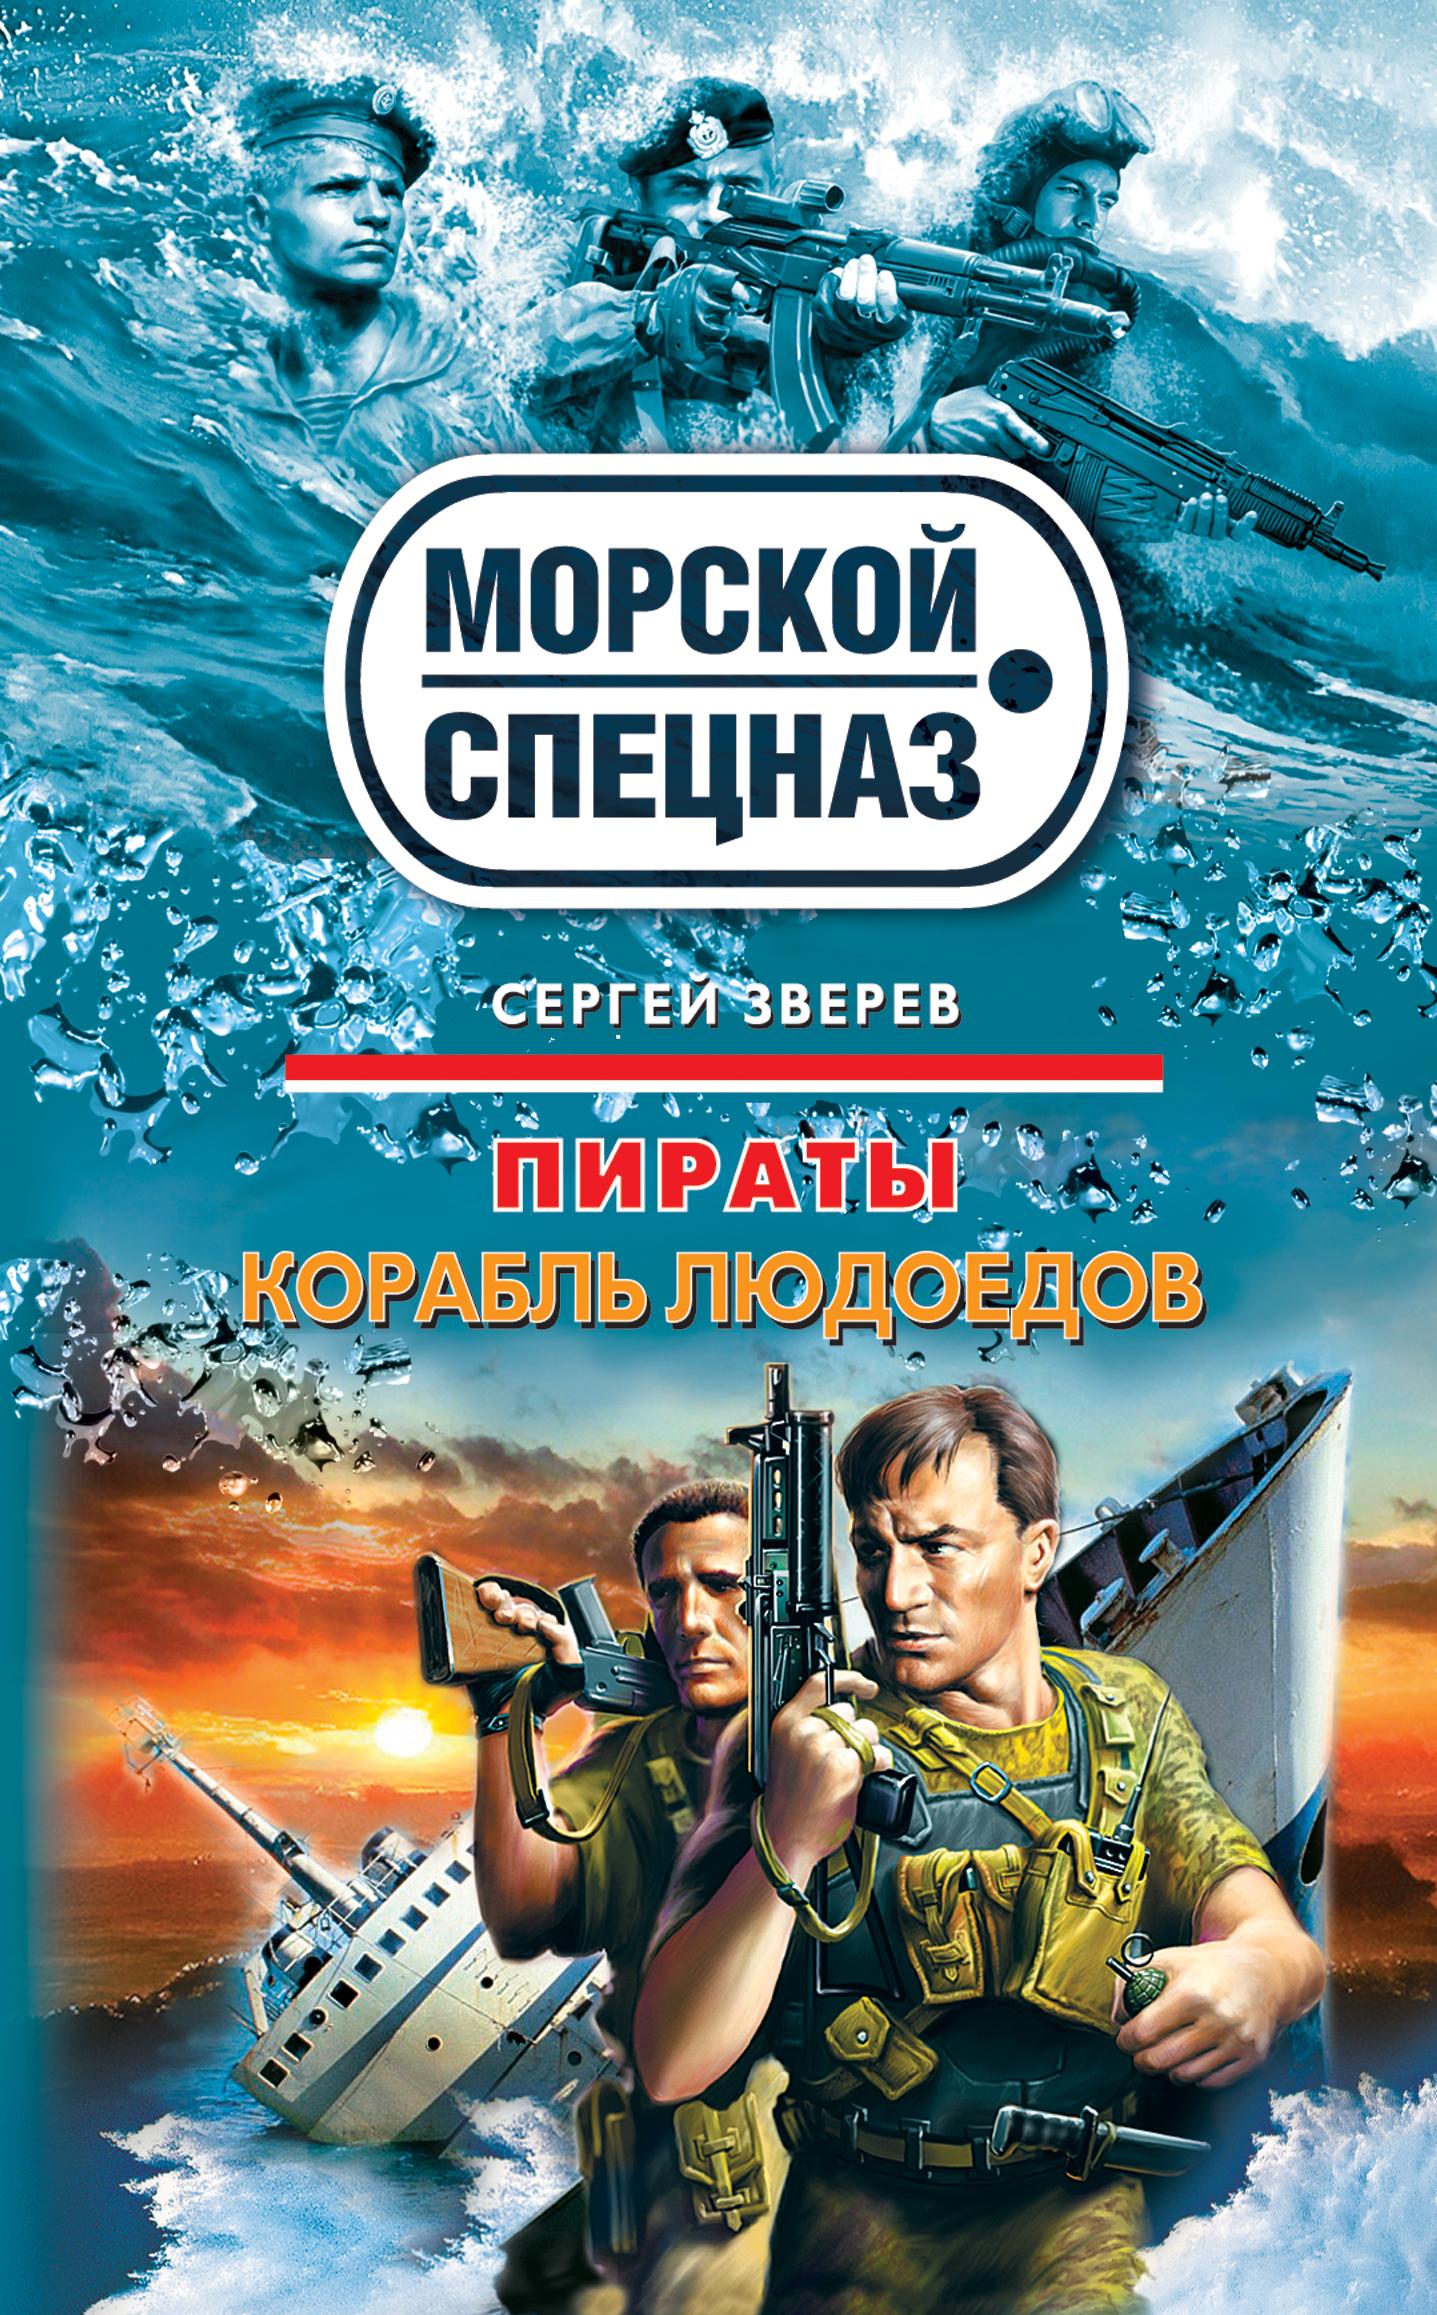 Сергей Зверев Корабль людоедов зверев с пираты знайте русских